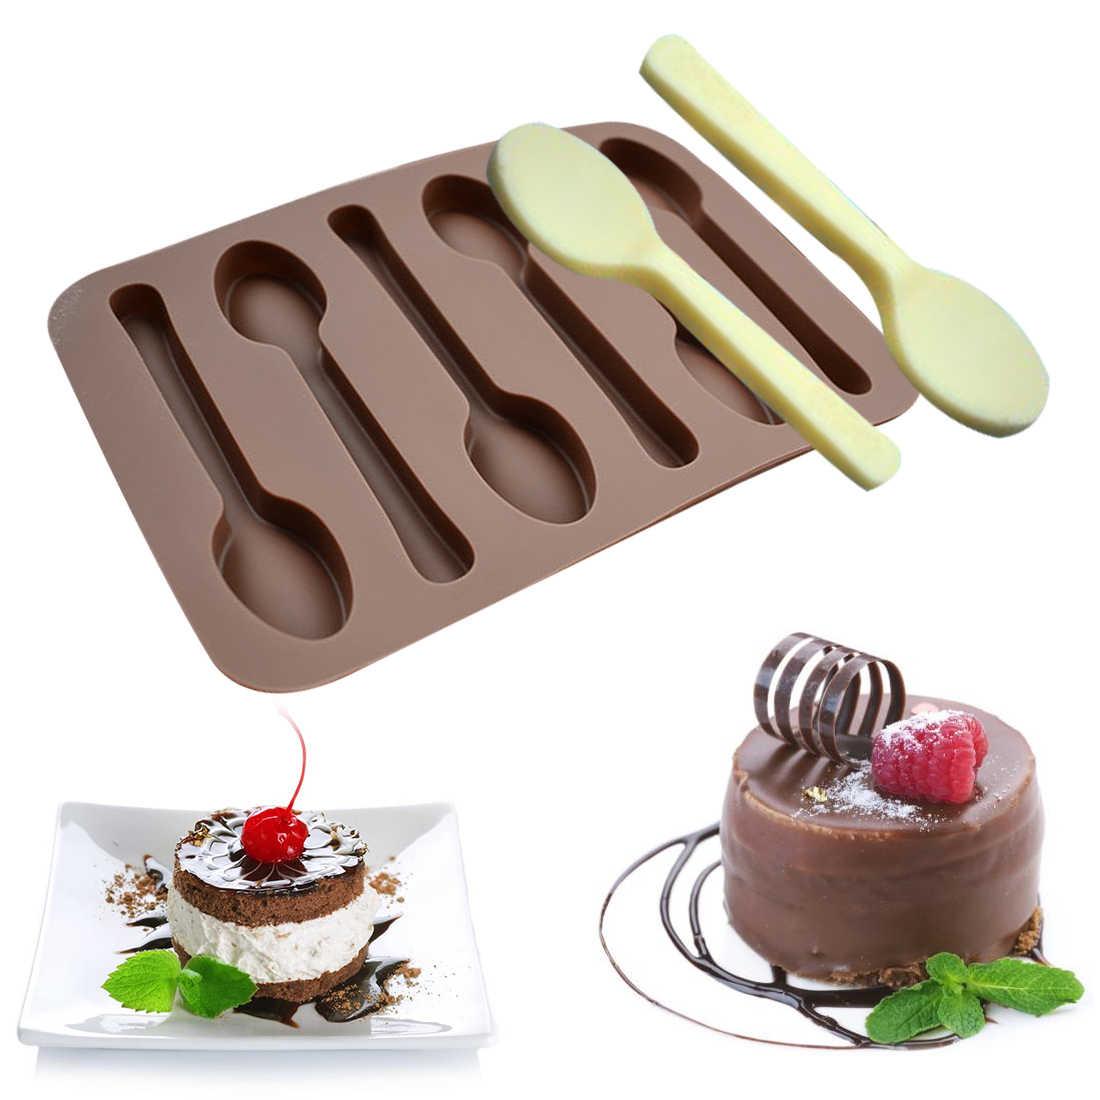 Nướng Bánh 1 KHUÔN SOCOLA 6 Lỗ MUỖNG Hình Bánh Khuôn Tự Làm Xà Phòng Kẹo Mứt Băng Stencils Bếp Bánh Ngọt dụng Cụ Bánh Chảo